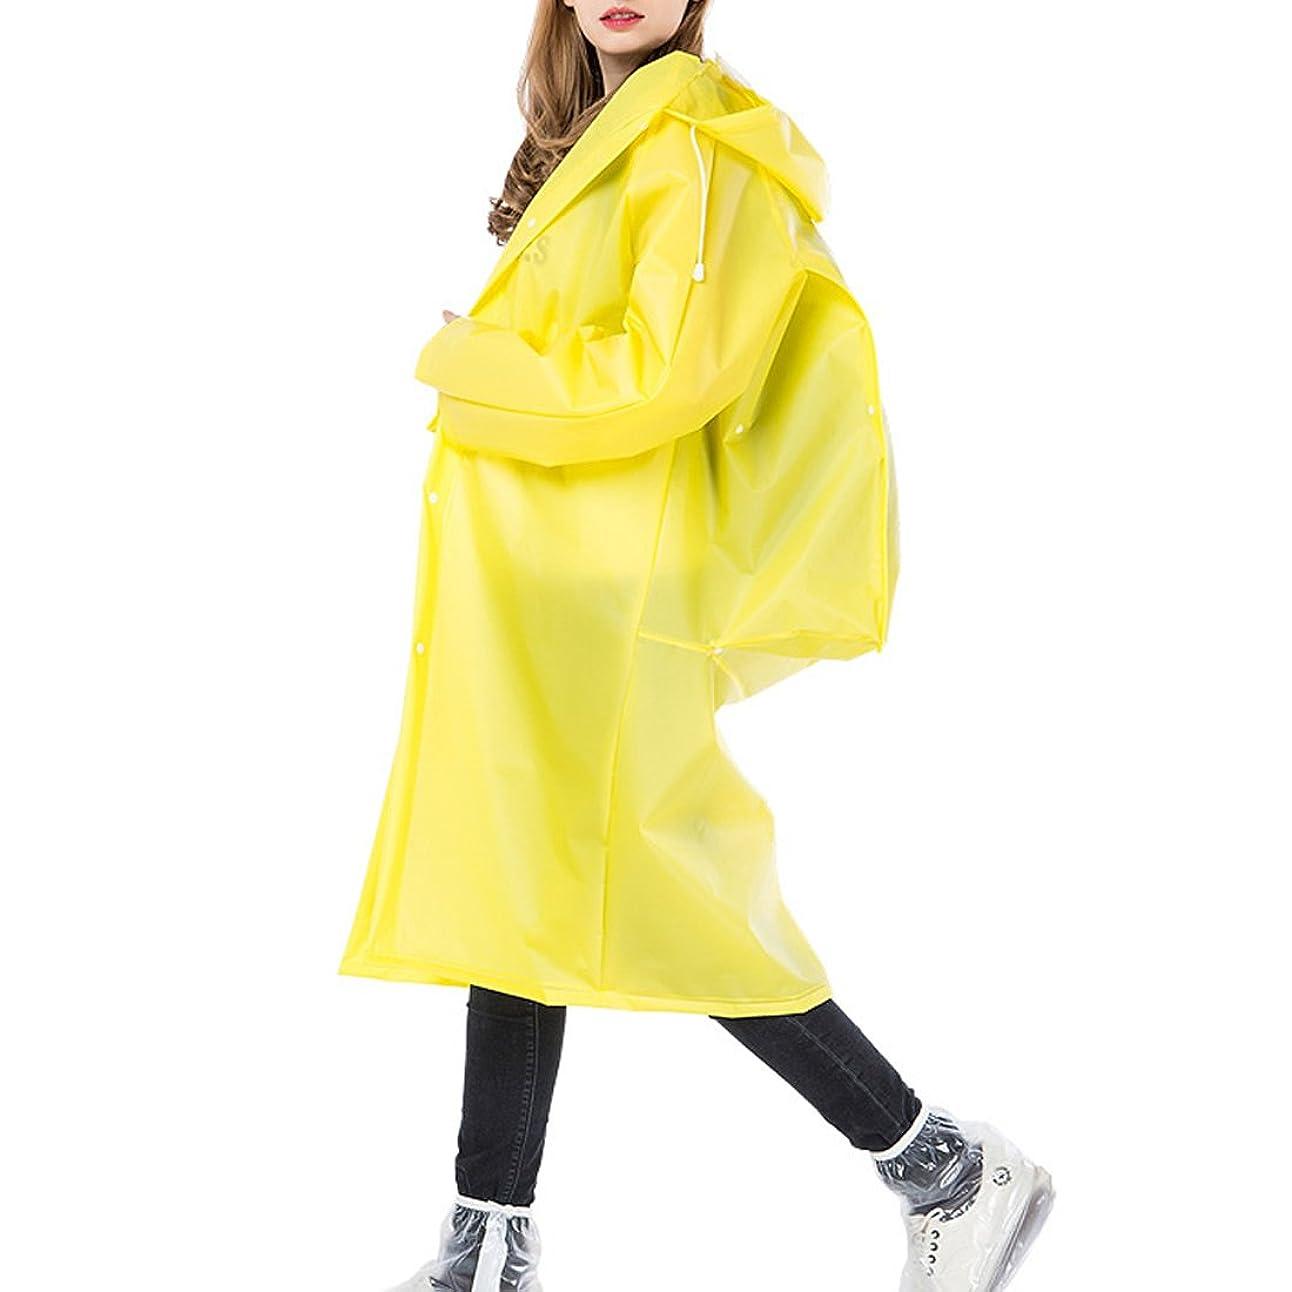 維持フィールド元気なLclock(エルシーロック) レインコート 自転車 バイク ロング ポンチョ 男女兼用 メンズ レディース 雨具 雨合羽 カッパ 通勤通学 リュック対応 クリアバイザー 撥水性 高品質